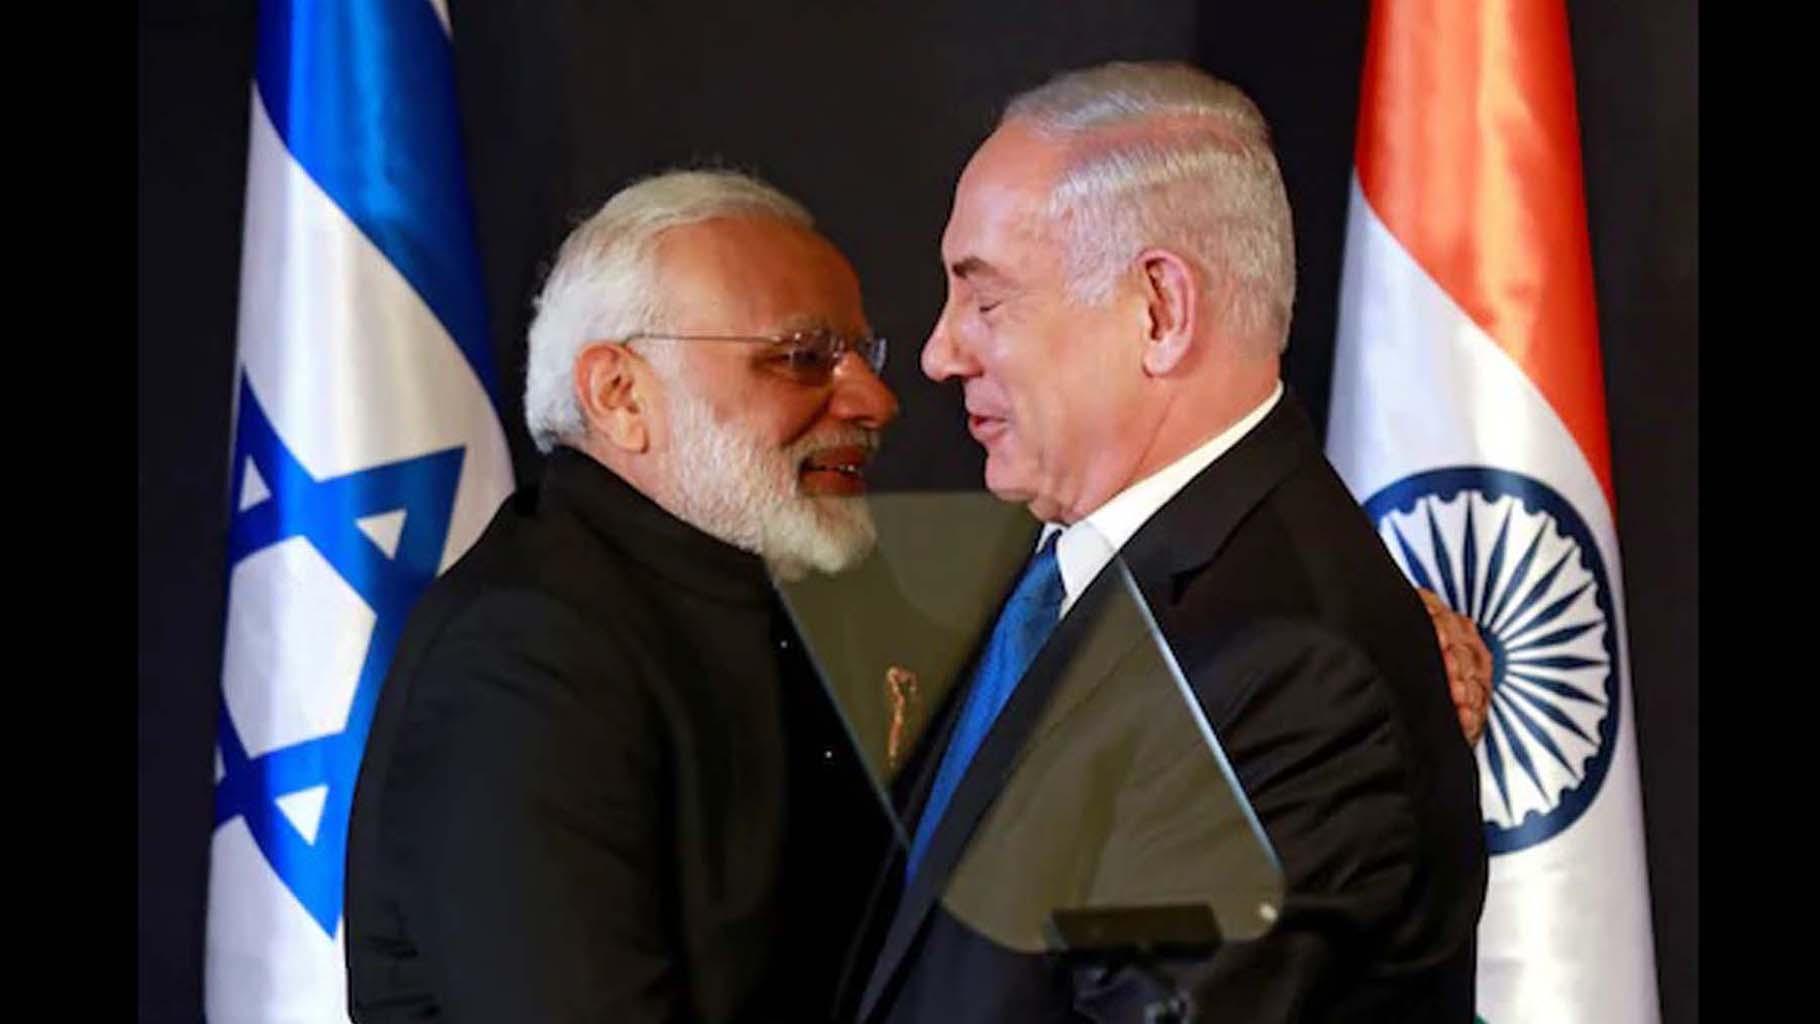 Narendra Modi, Israel-India ties, Benjamin Netanyahu, Israelpalestineconflict